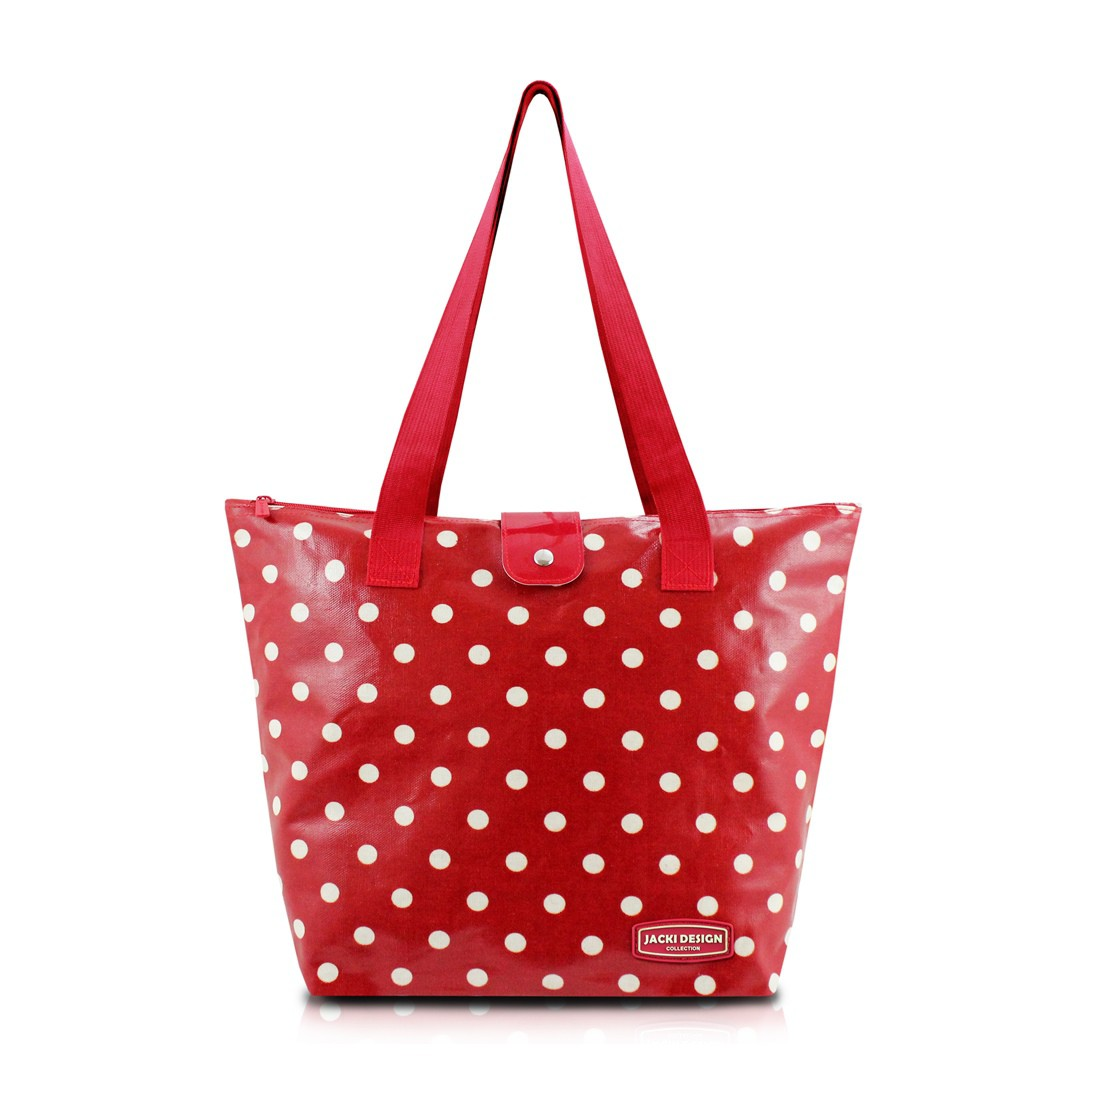 Bolsa Shopper Bolinha Jacki Design Look